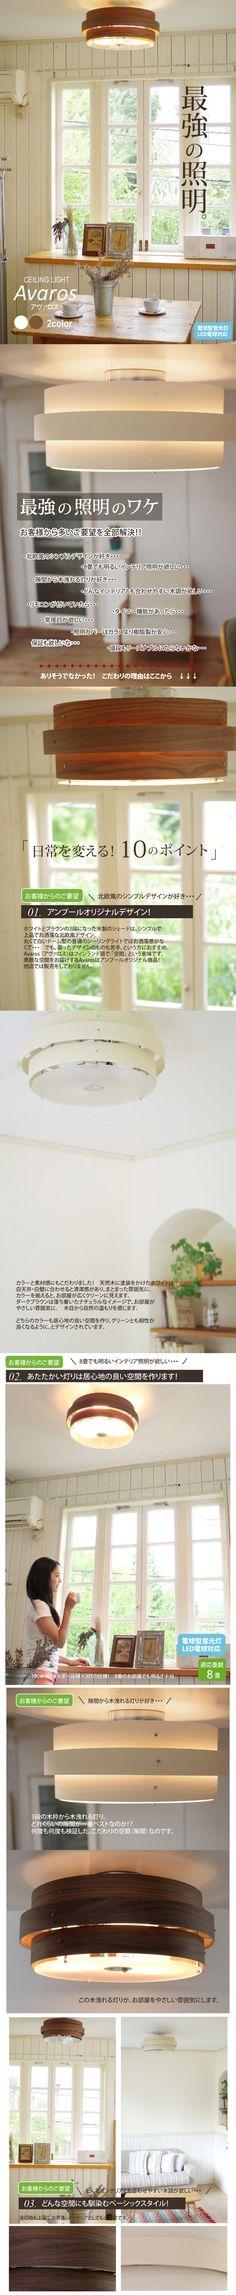 【楽天市場】【照明】Avaros アヴァロス IV/DB シーリングライト おしゃれ 天井 天井照明 ライト 3灯 リビング ダイニング 寝室 明るい 6畳 8畳 リモコン インテリア LED 北欧 ナチュラル 子ども部屋 【P20Feb16】:Ampoule